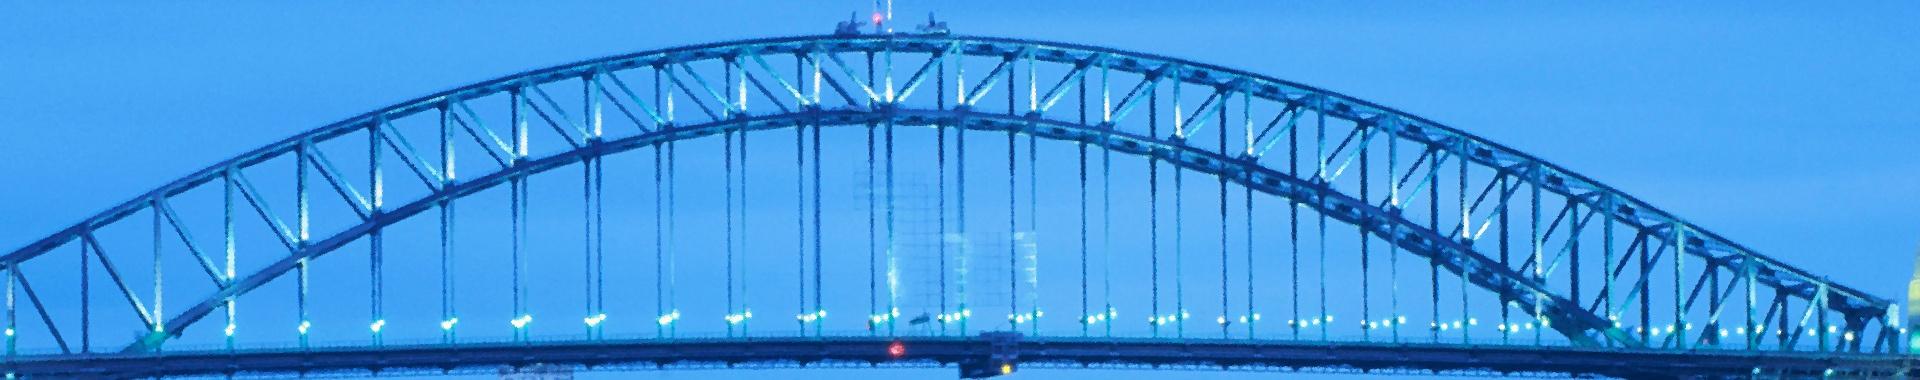 Снимка на мост